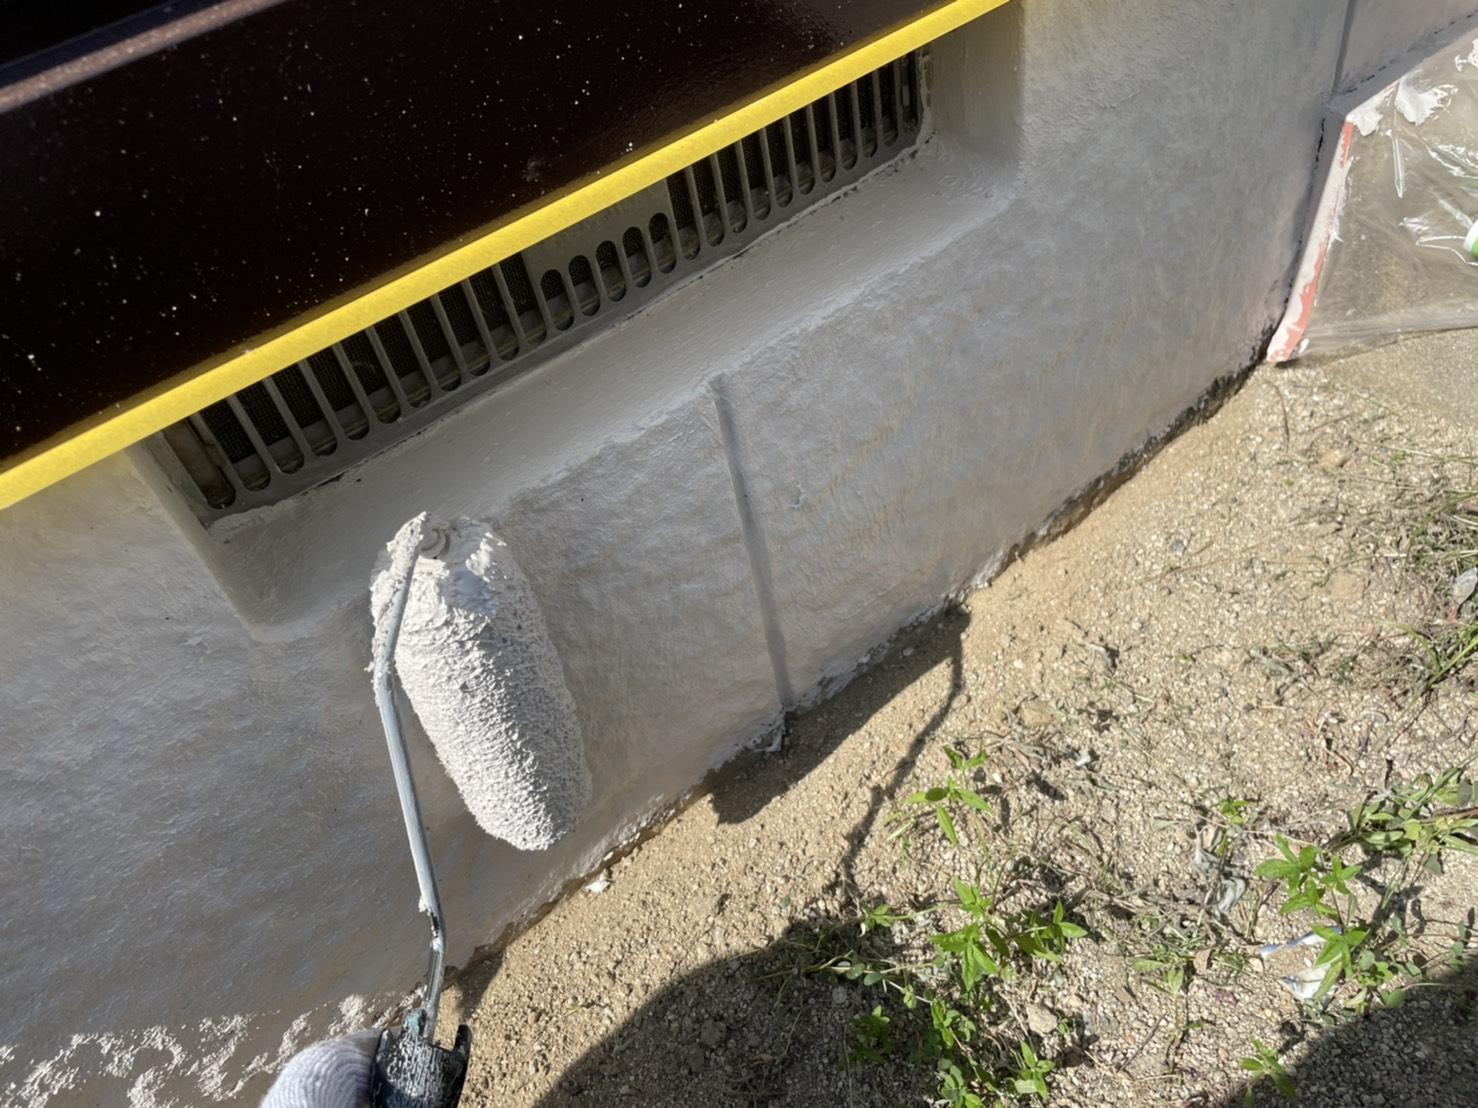 佐賀市 外壁塗装 塗るばい サニー建設商事 サニケン さにけん 水切り塗装 水切 塗装